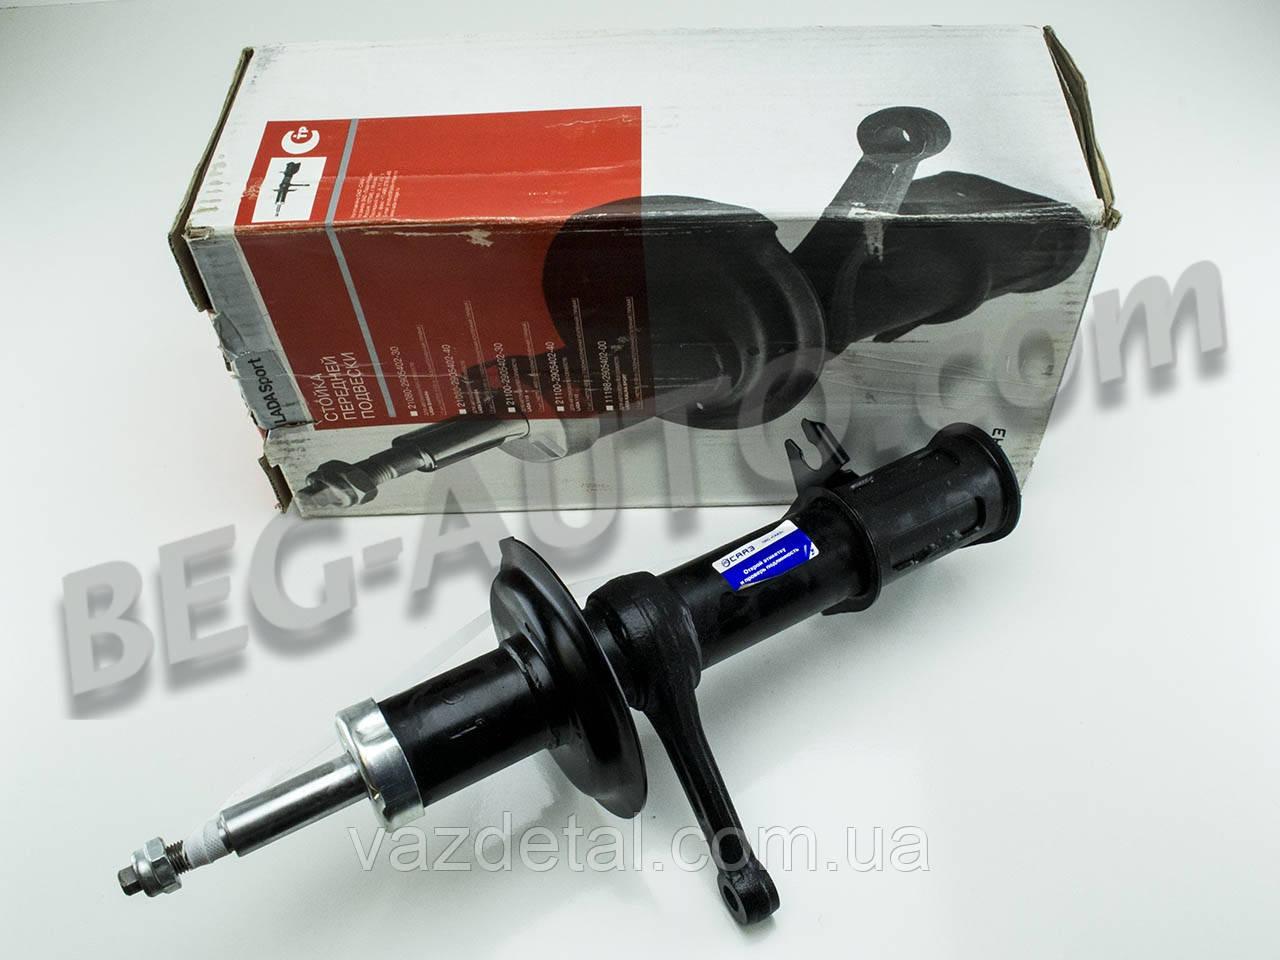 Амортизатор передній стійка ваз 2110 2111 2112 лівий (СААЗ) газовий